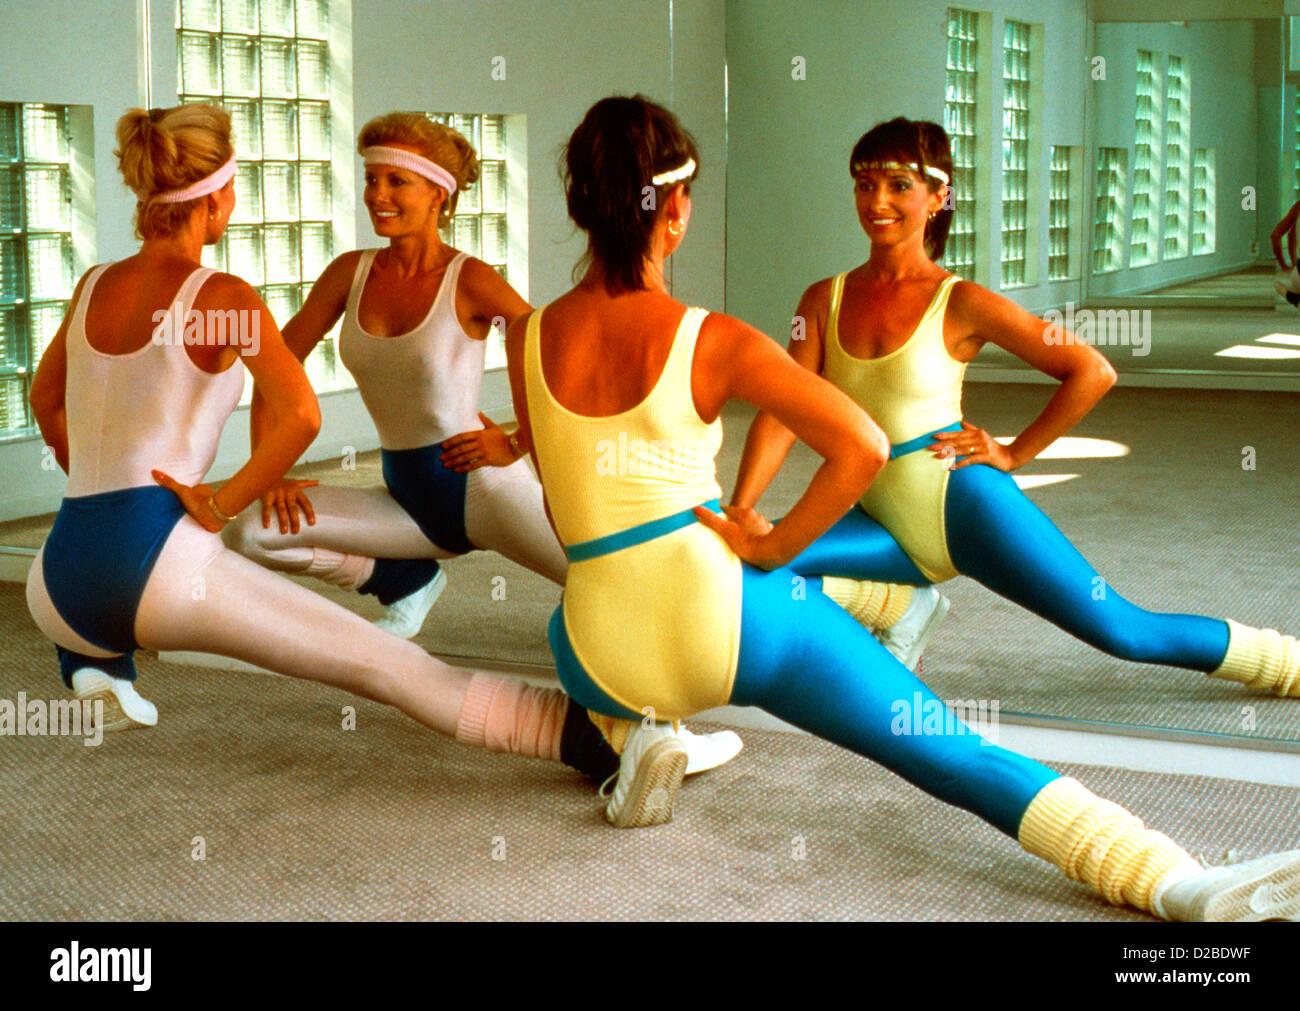 Des années 1980. Deux femmes en tenue de sport faisant de l'aérobic. Photo Stock